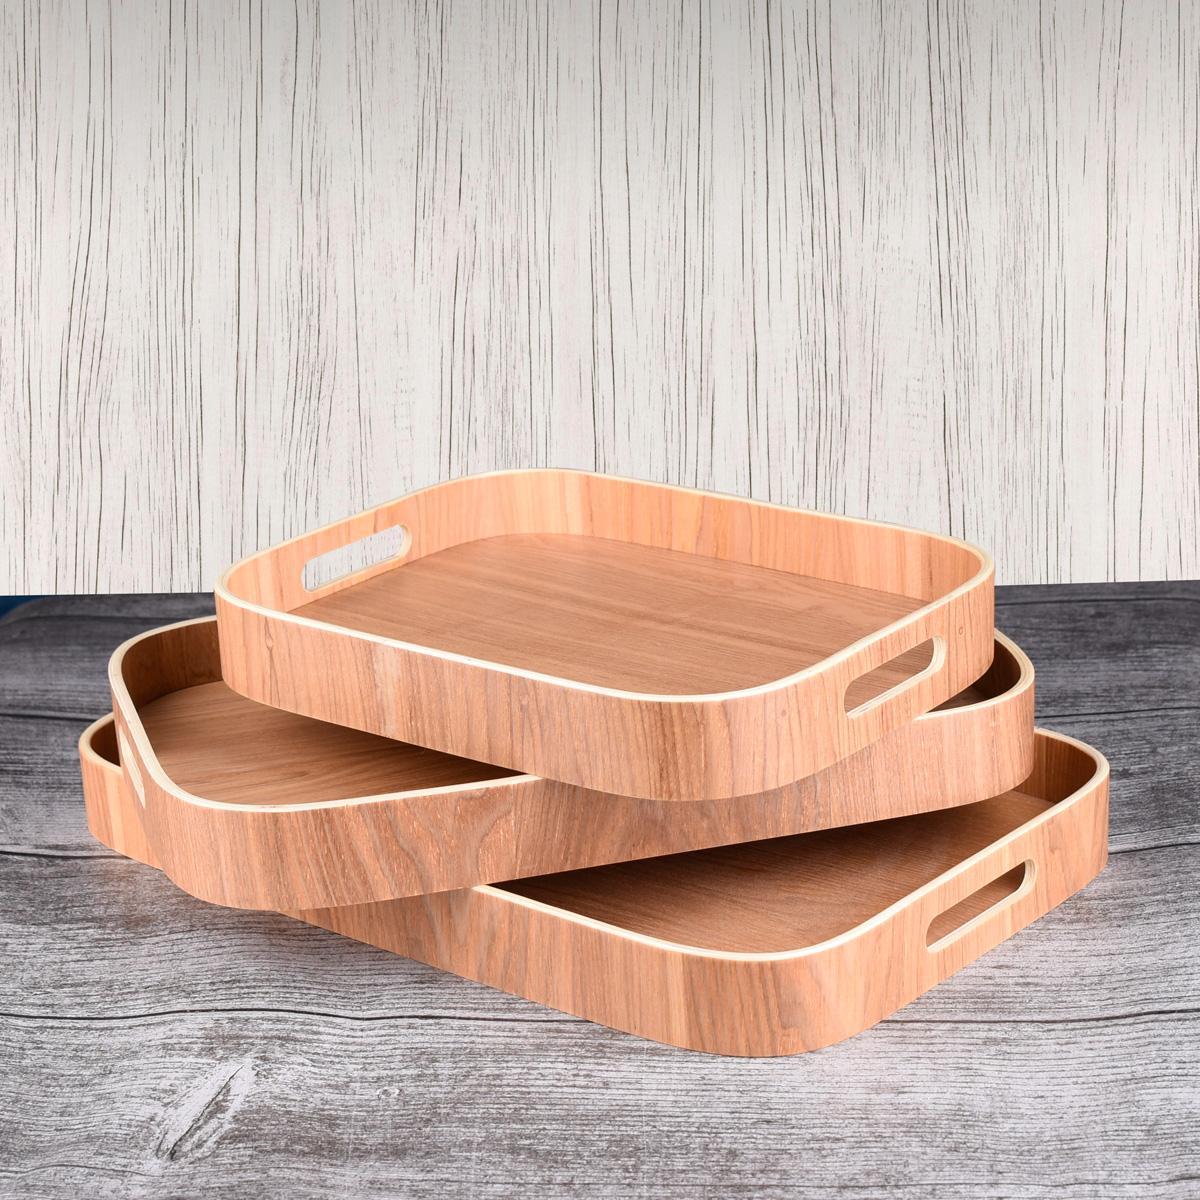 طقم طفرية تقديم خشب - 3 قطعه - رقم MY35009